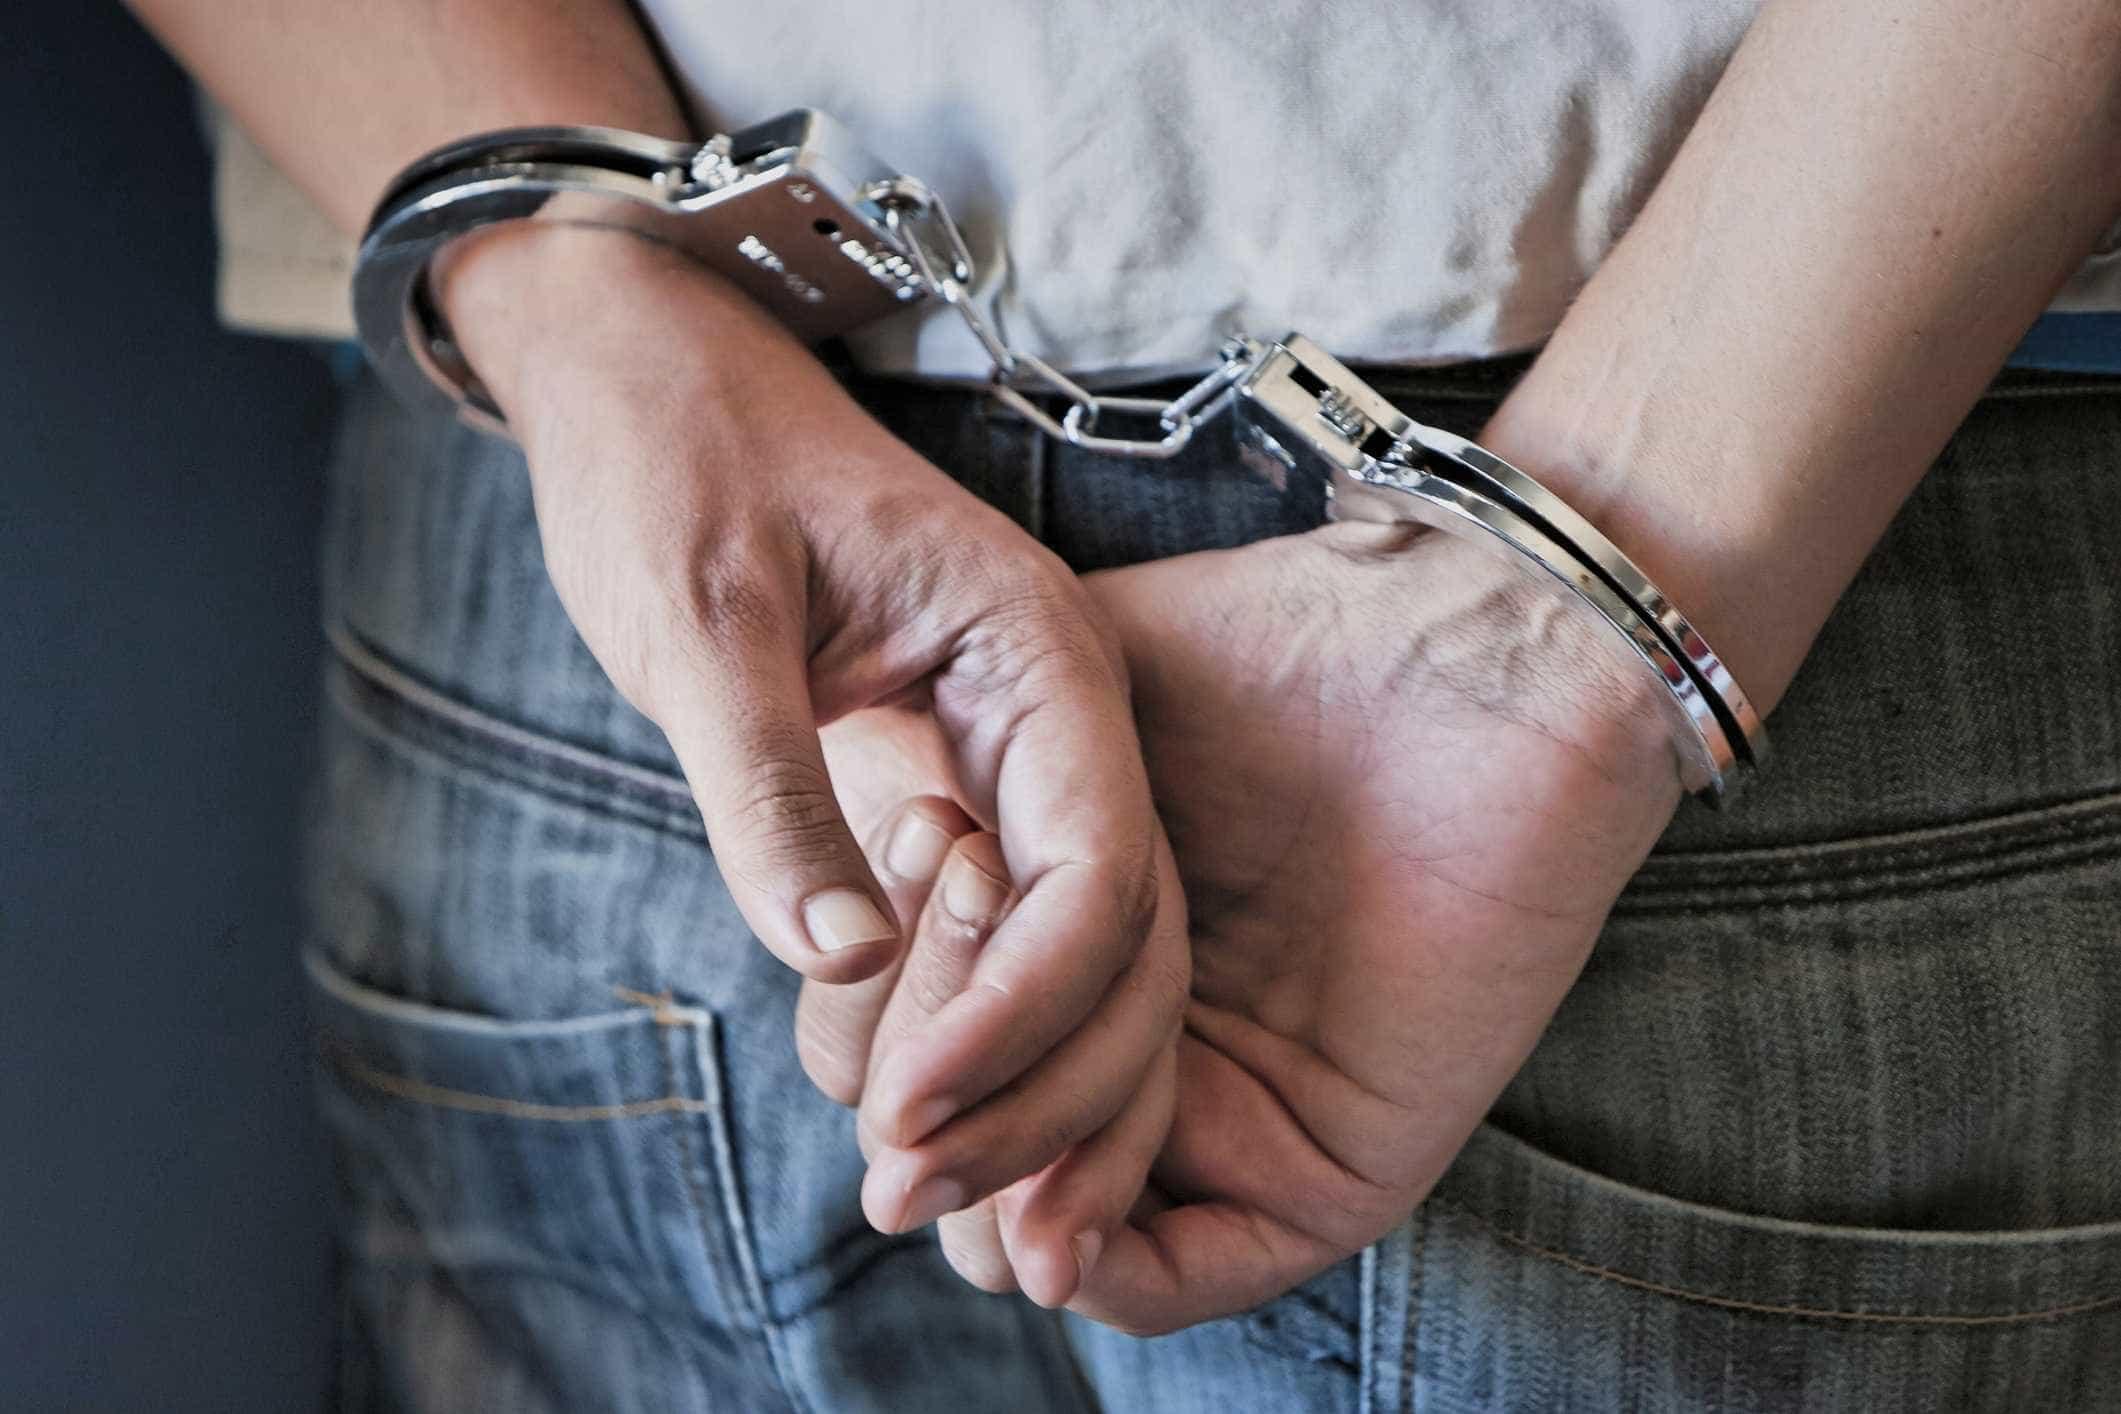 Acusado de jogar ácido em ex-mulher é preso em Alagoas